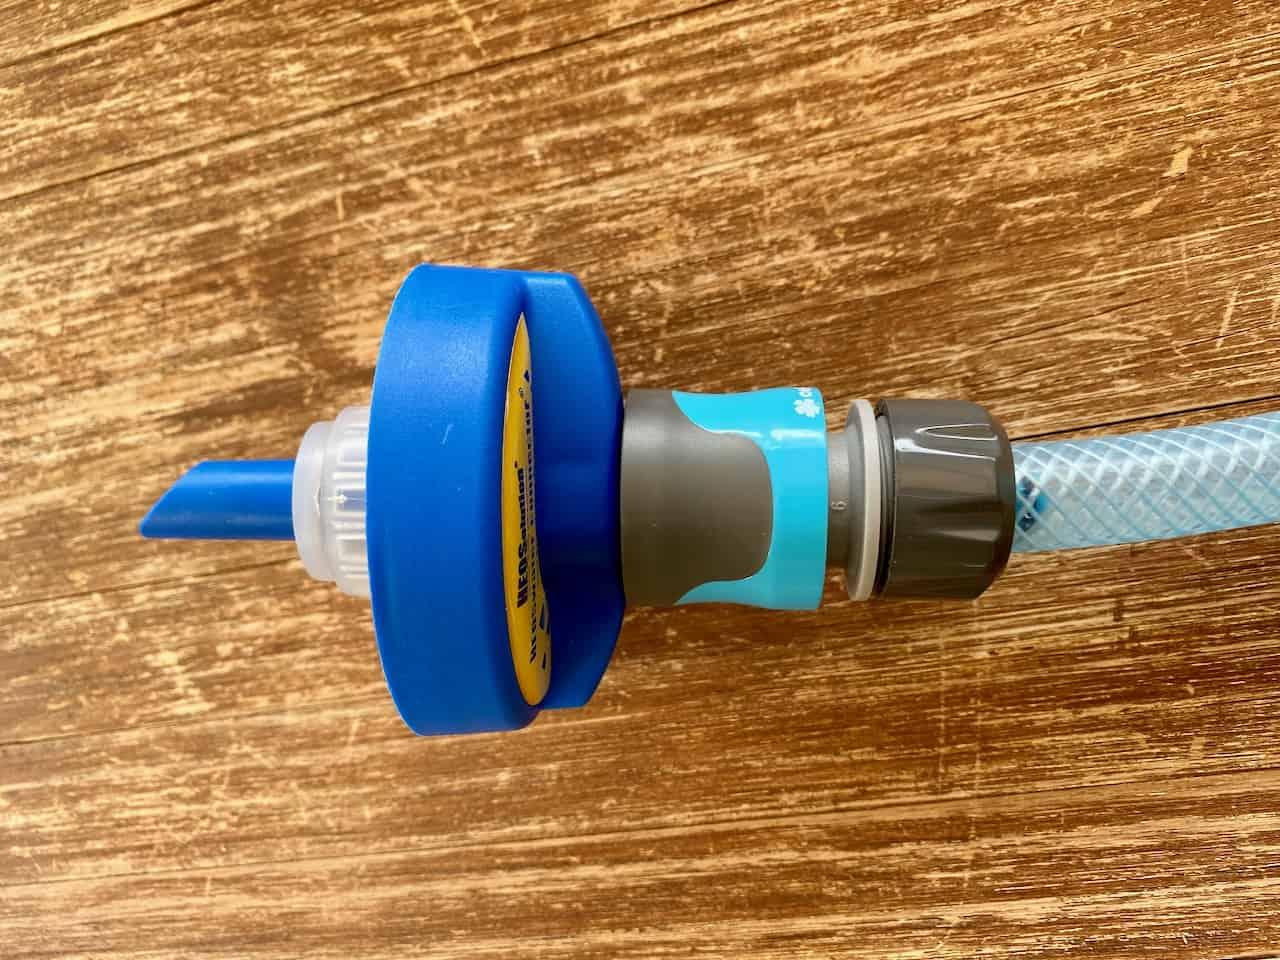 Wasserversorgung-Wassertanken-Heosoltution-Heoswater-Wasserschlauch